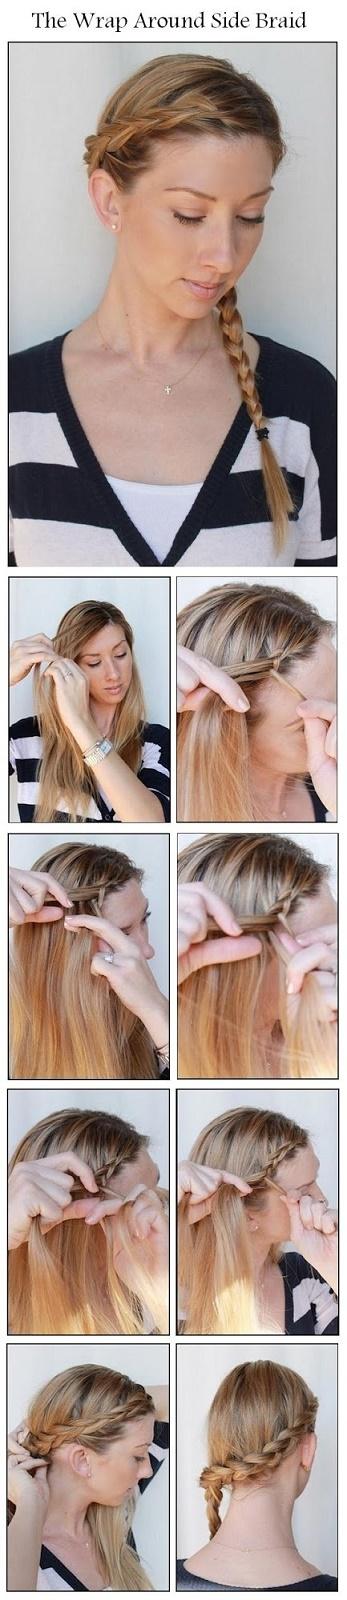 Mexican braids4